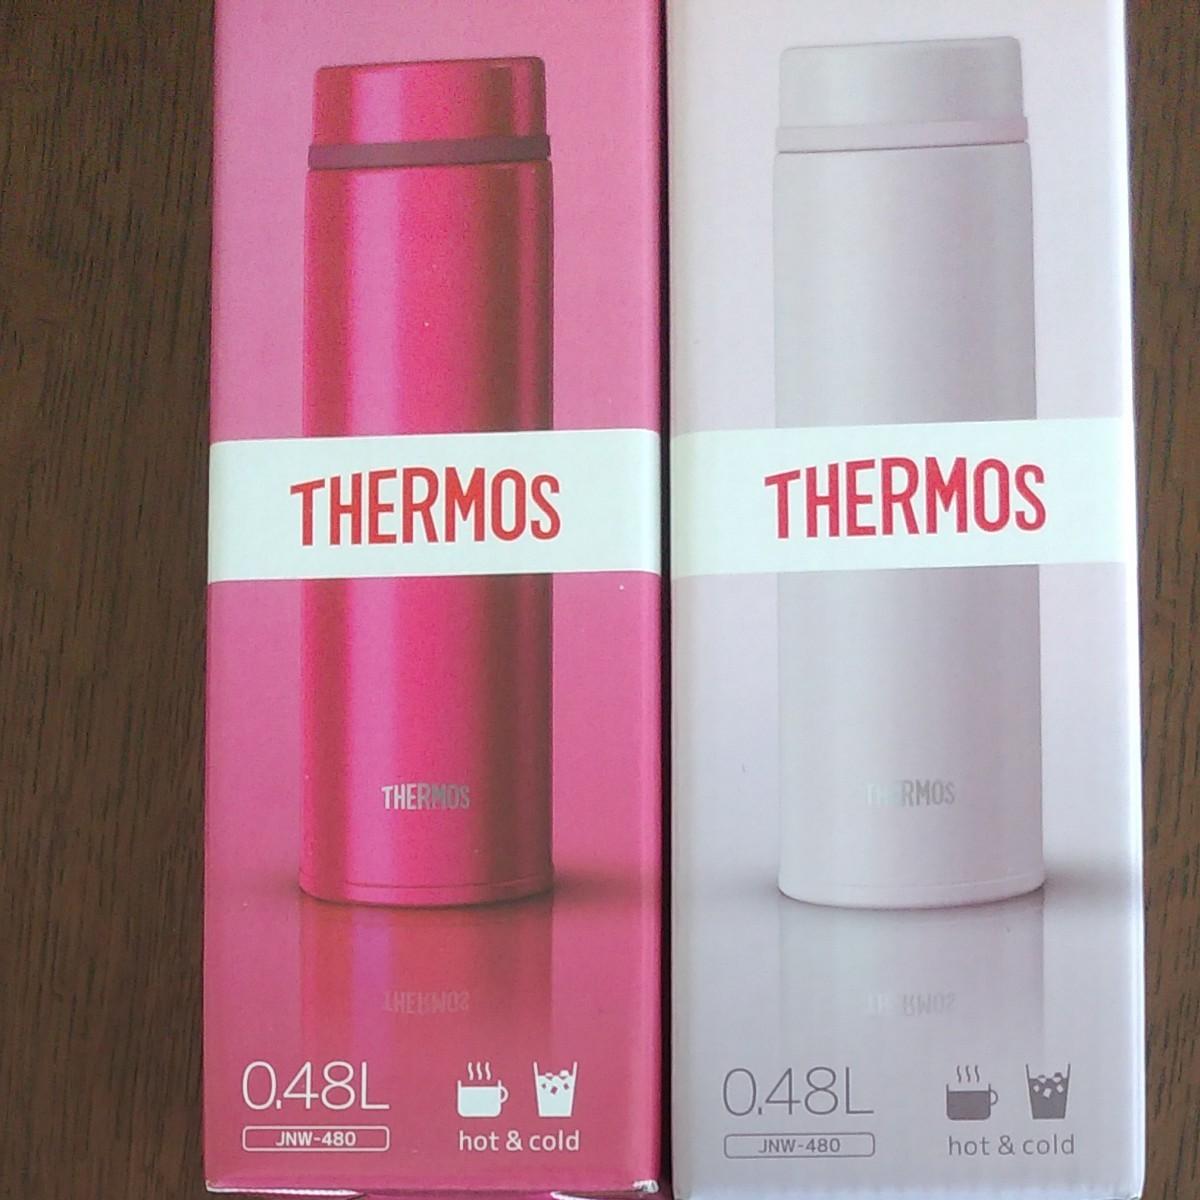 サーモス水筒 THERMOS  真空断熱 ケータイ マグ JNW480  バラ売り可